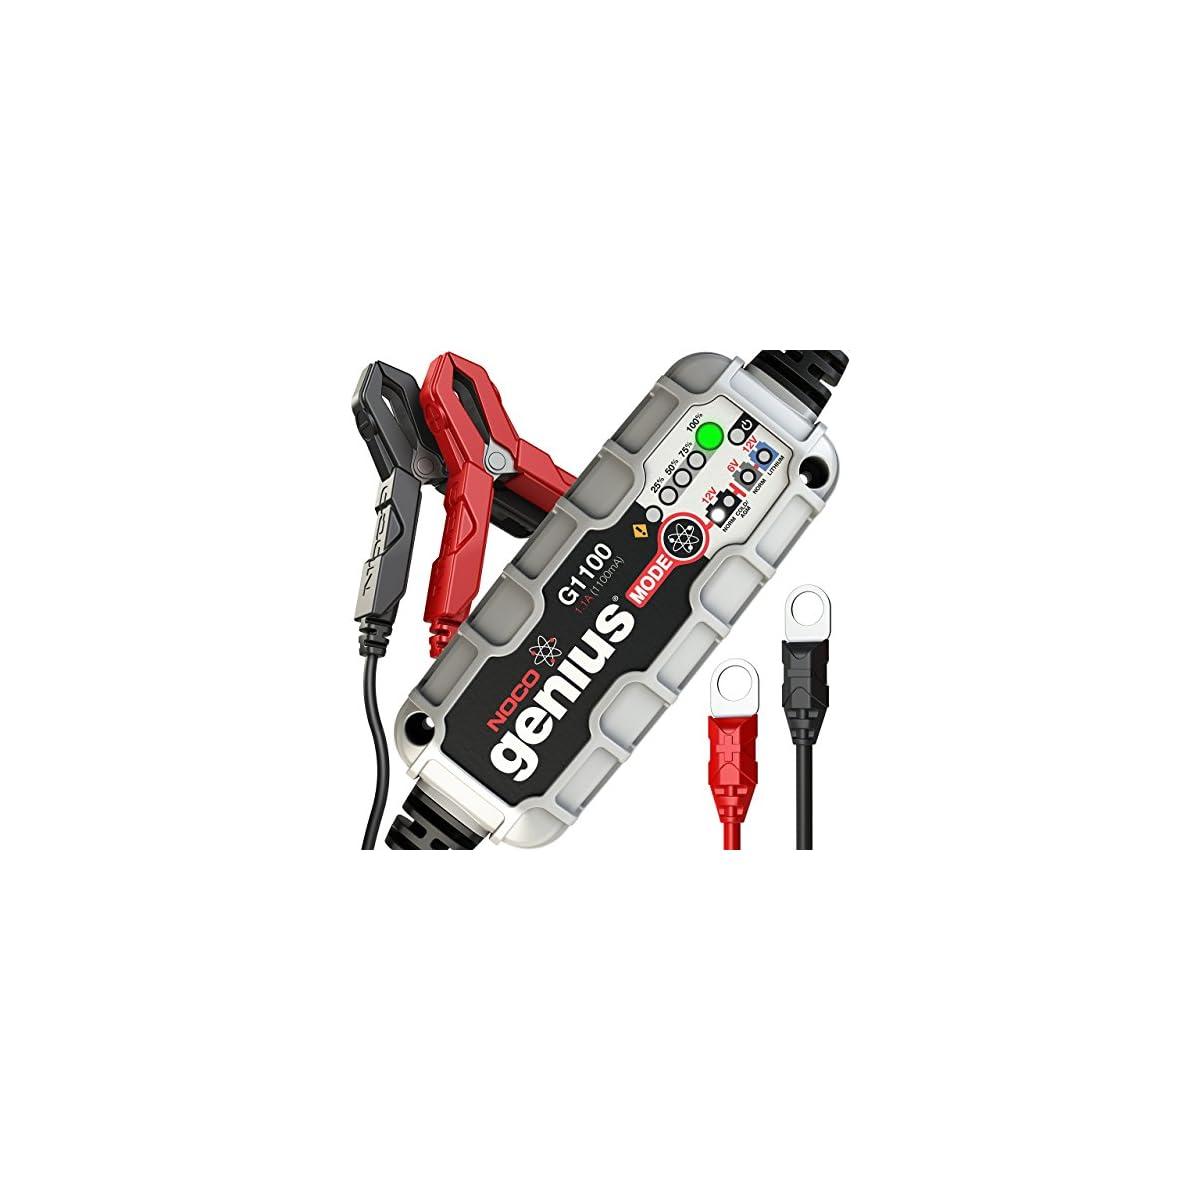 61j0Uh 1viL. SS1200  - NOCO Cargador de batería Inteligente Pro Series UltraSafe